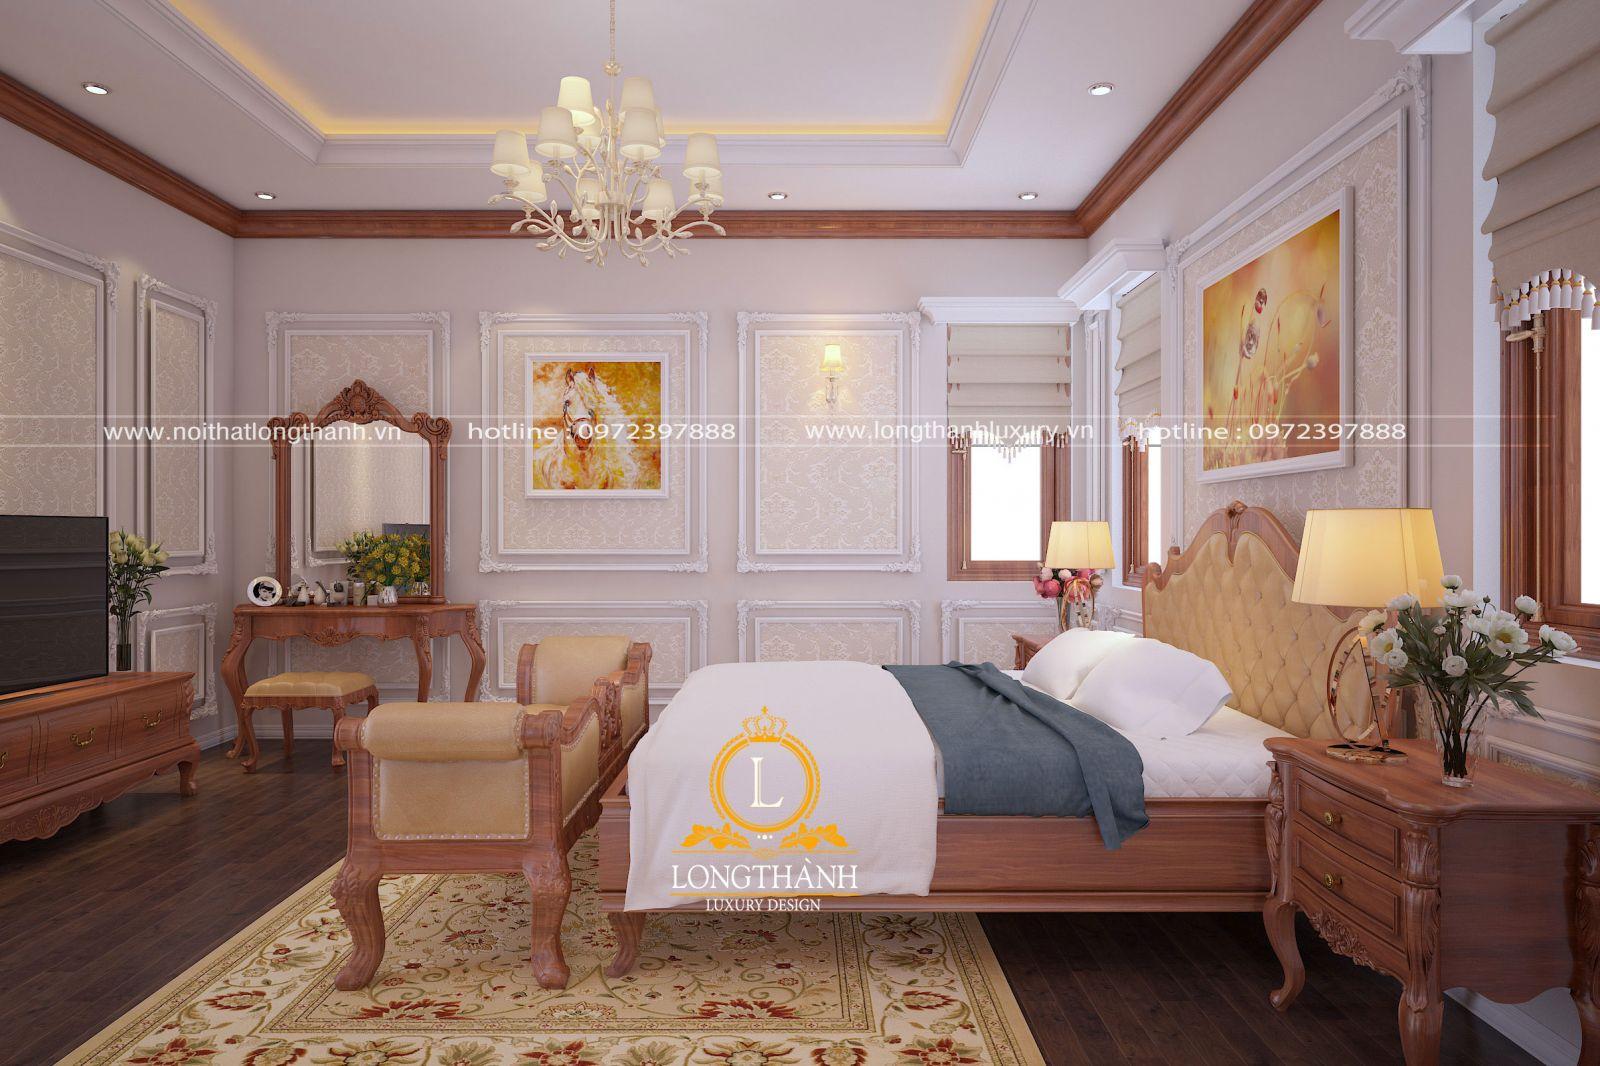 Nội thất phòng ngủ cao cấp từ gỗ Gõ